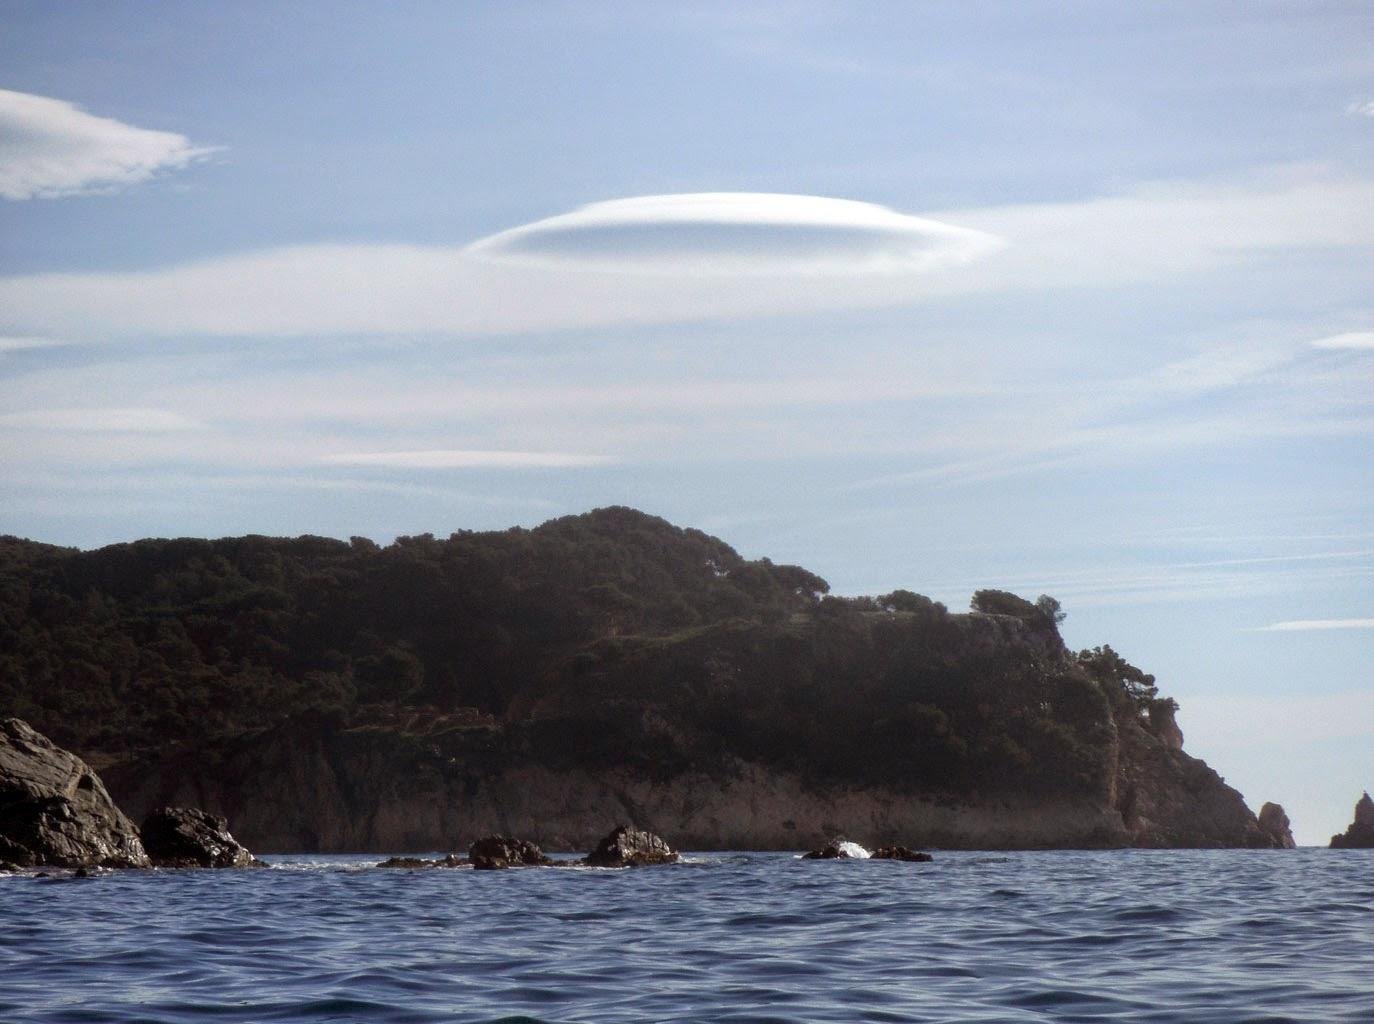 núvols lenticulars (altocumulus lenticularis)